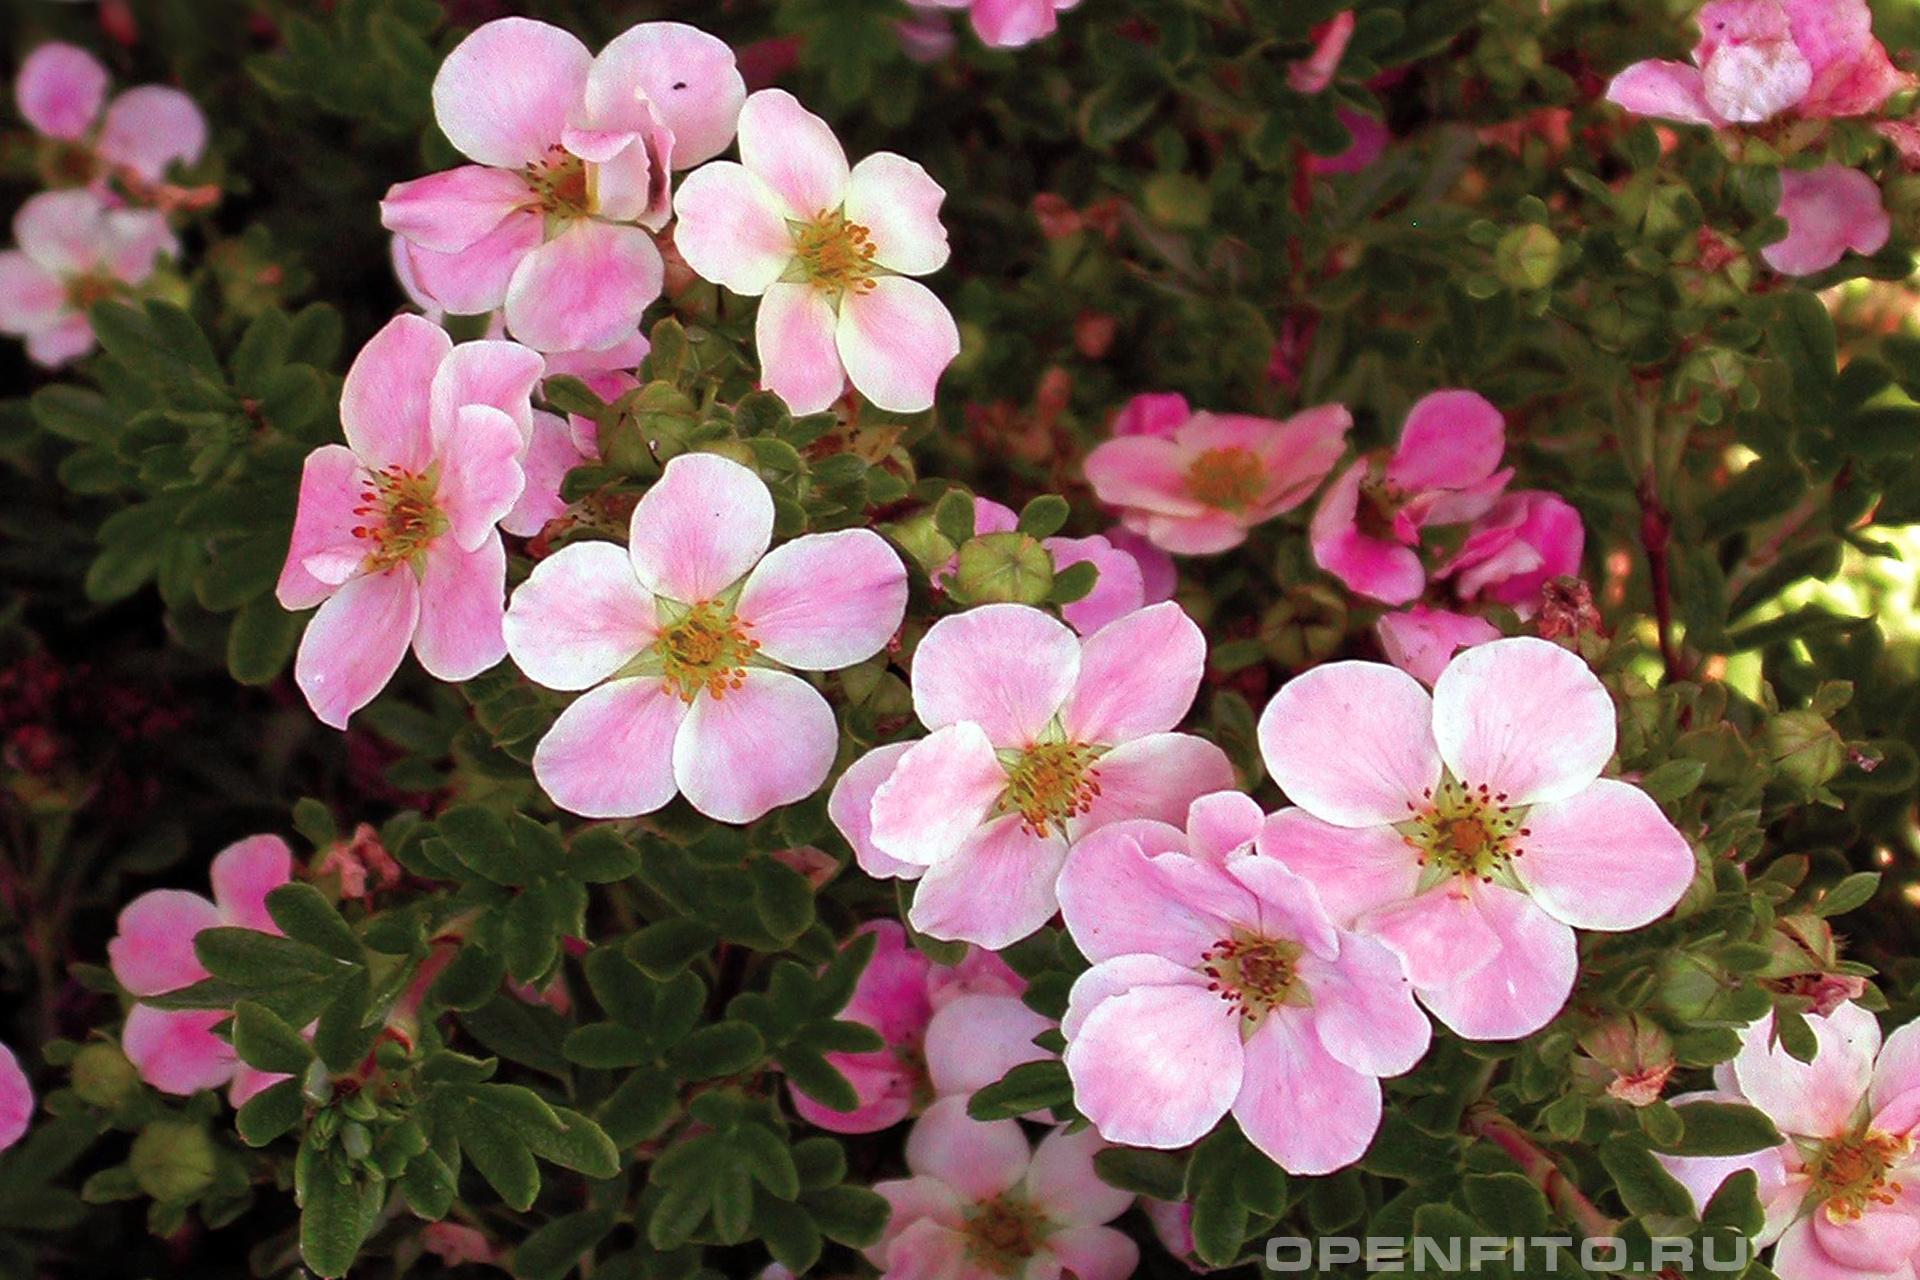 Лапчатка кустарниковая розовые цветы курильского чая